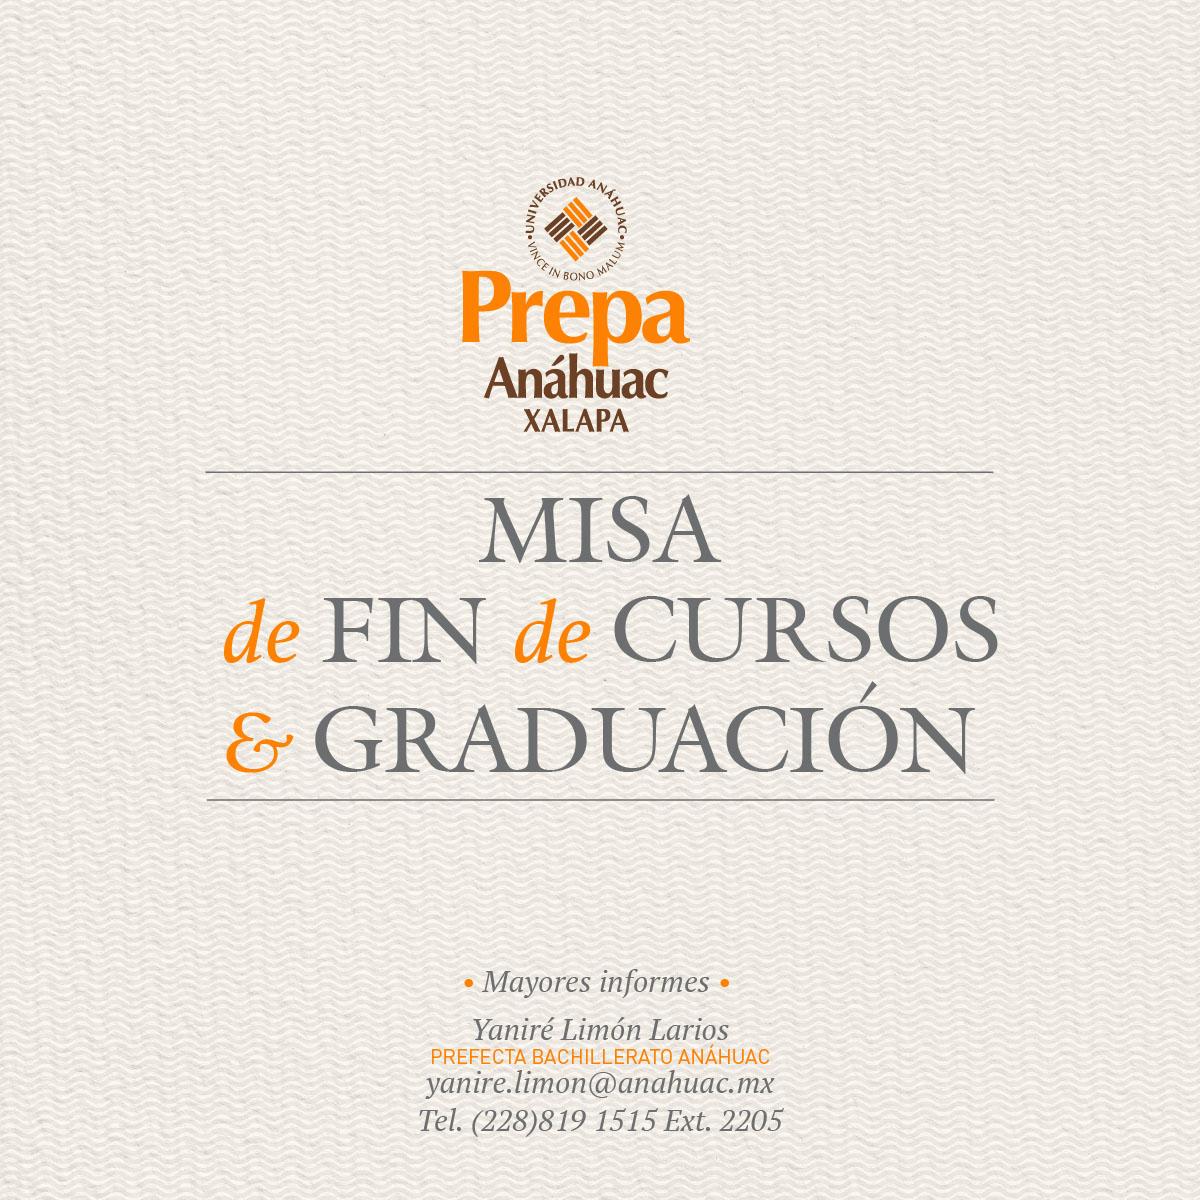 Misa de Fin de Cursos y Graduación 2018